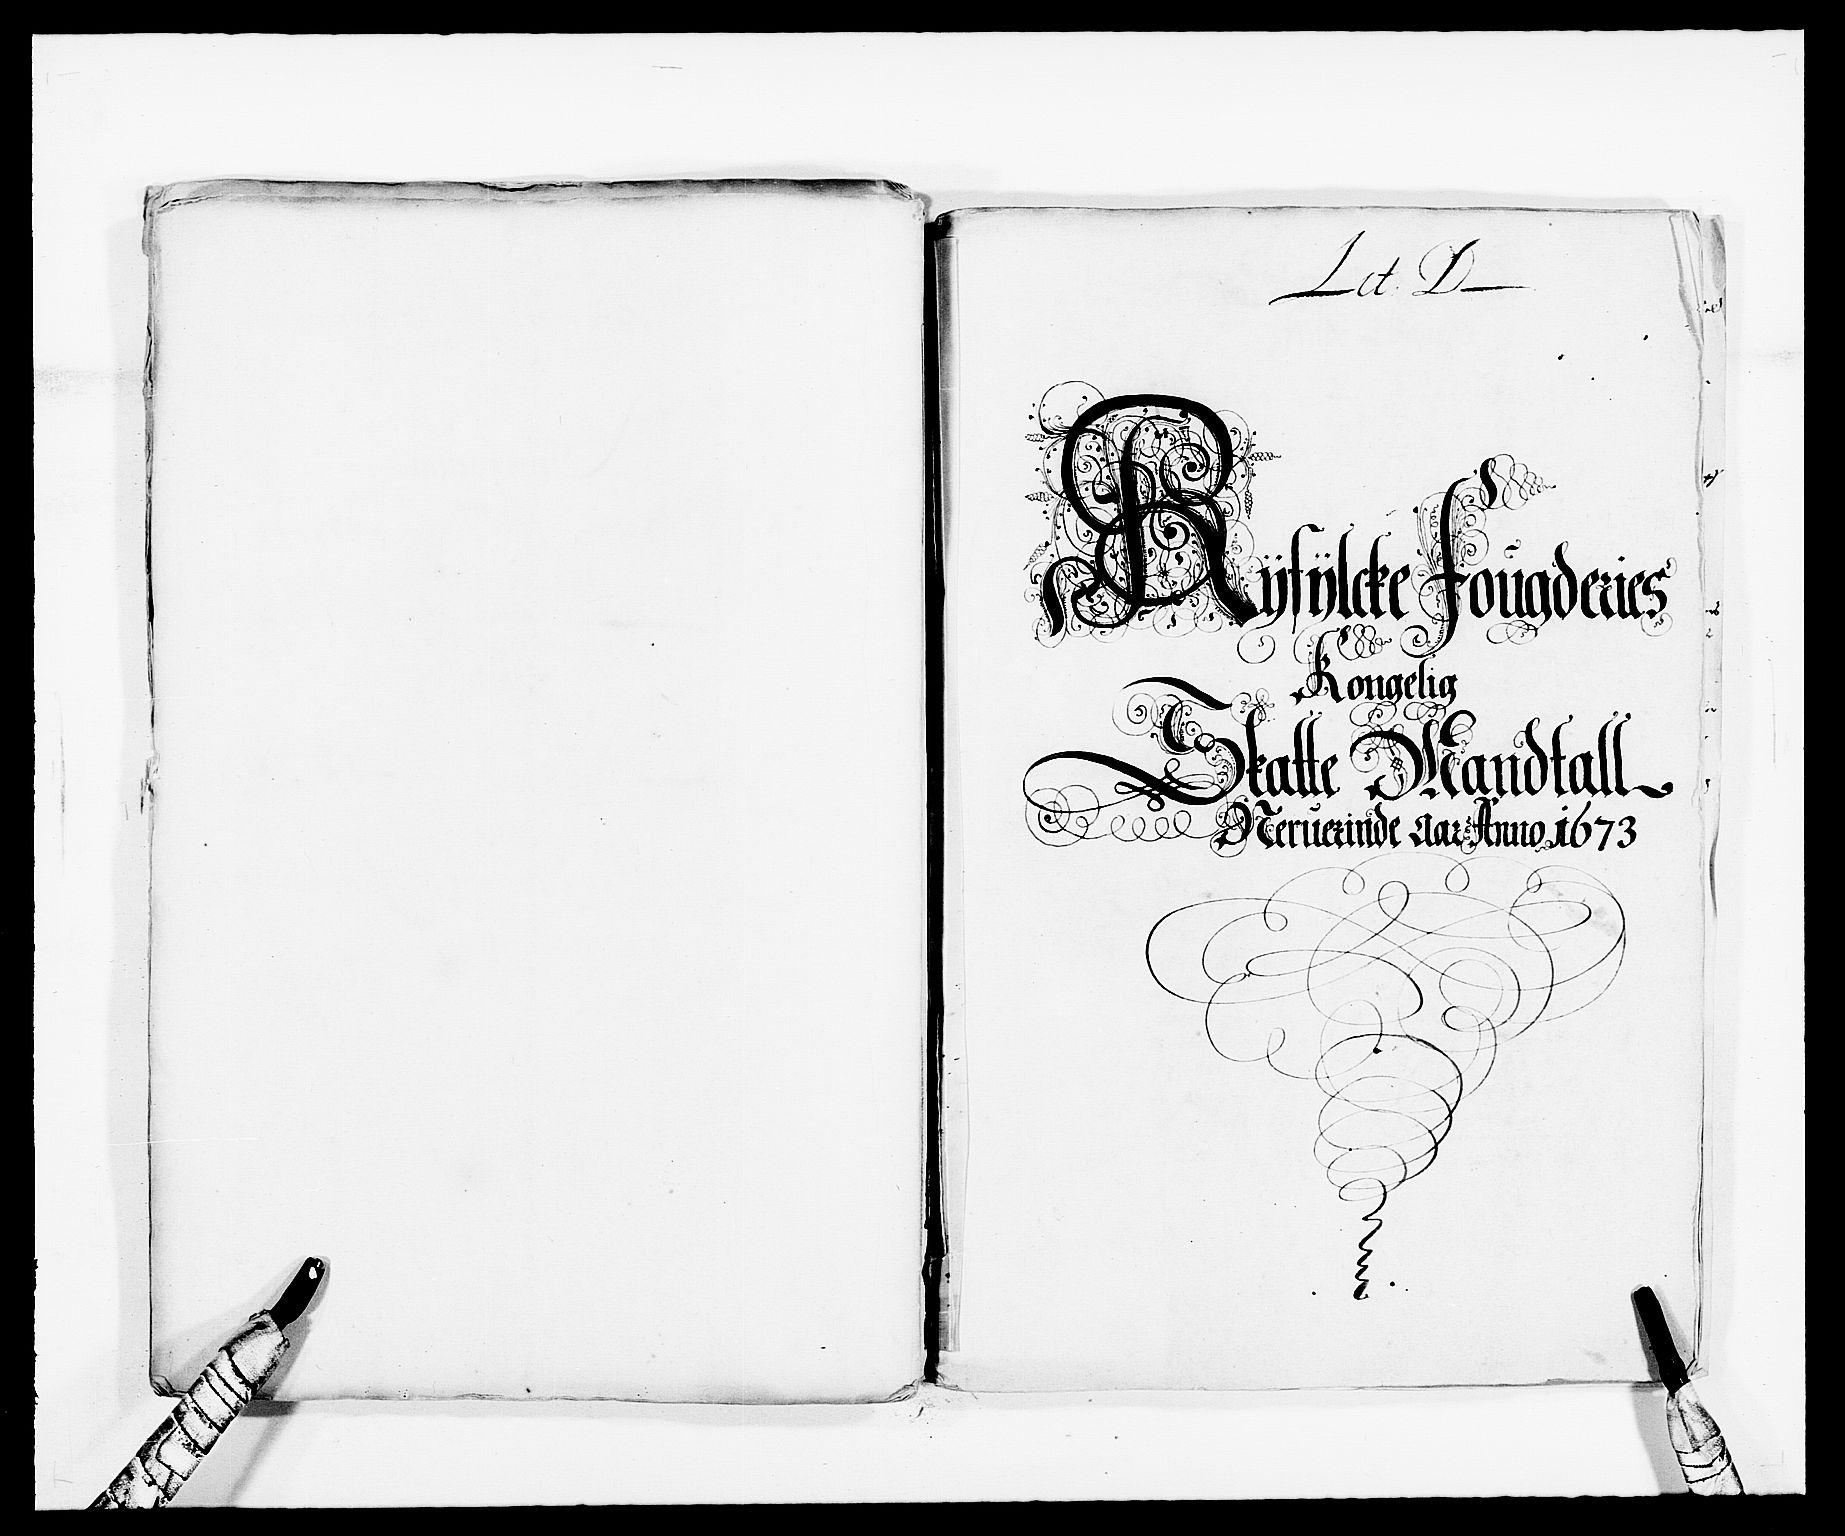 RA, Rentekammeret inntil 1814, Reviderte regnskaper, Fogderegnskap, R47/L2844: Fogderegnskap Ryfylke, 1672-1673, s. 186